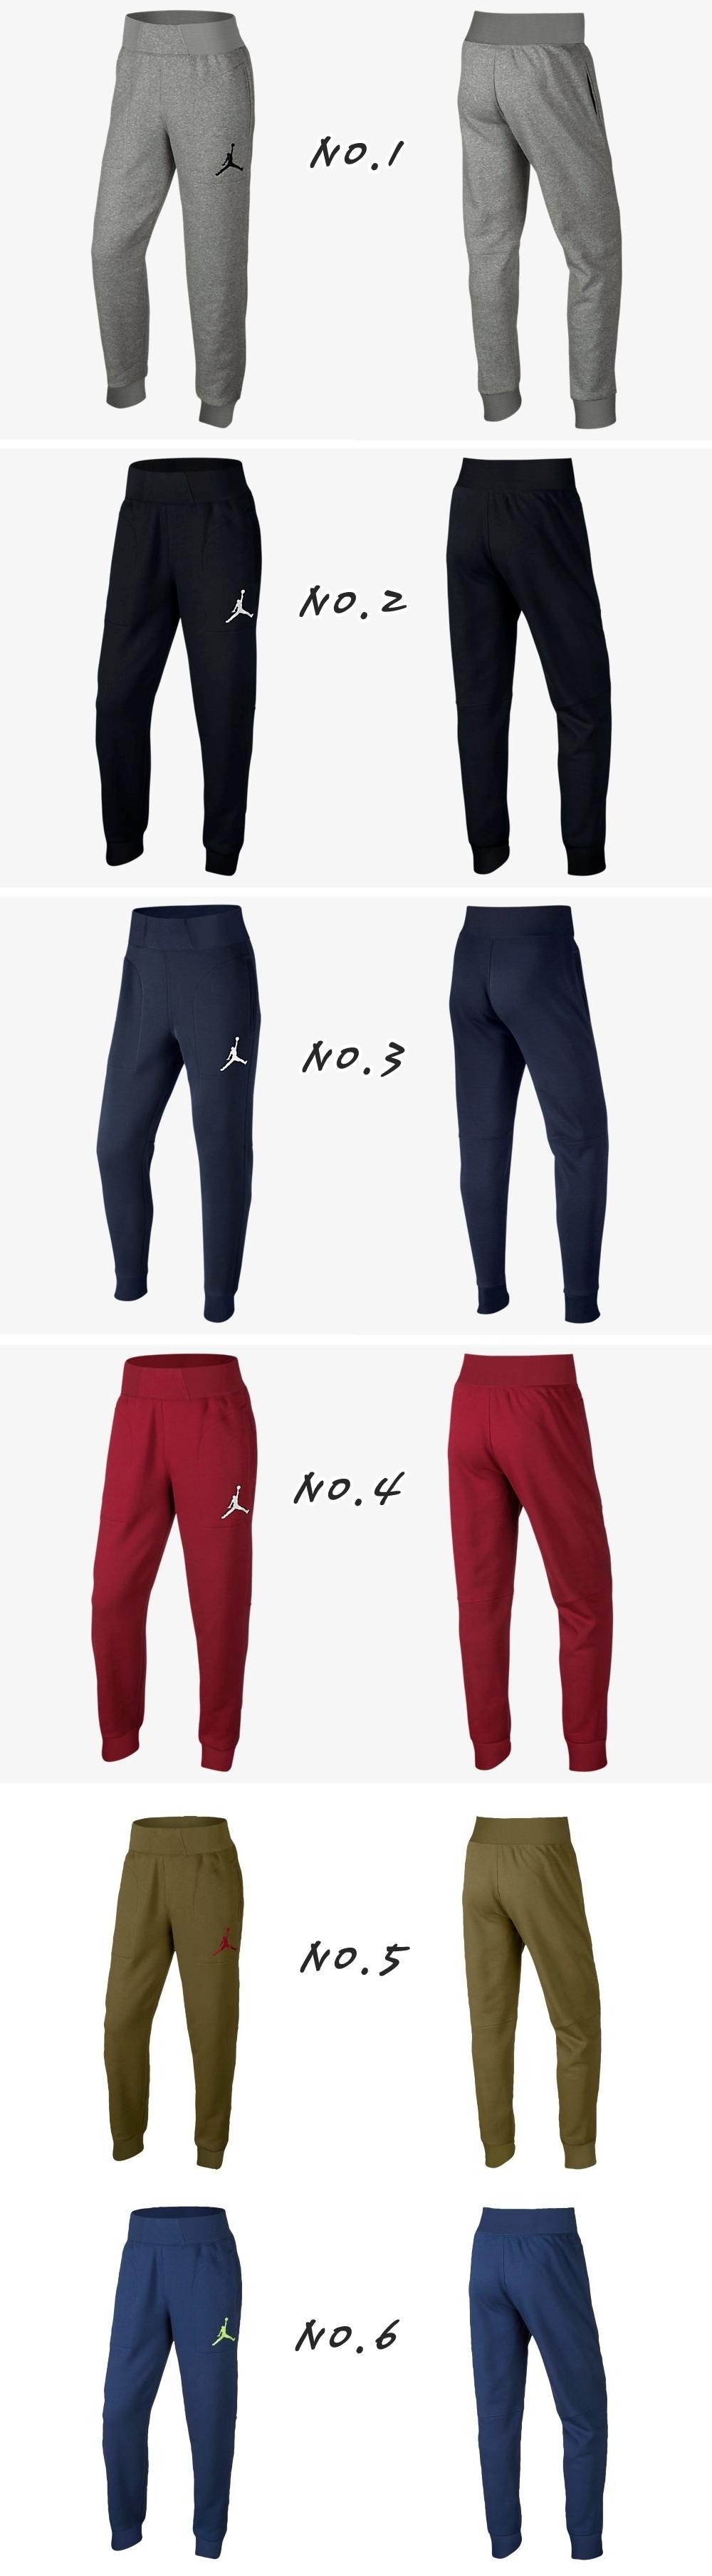 bee99bc0406 머스트잇(MUSTIT) - [100%정품] 나이키 조던 바시티 조거팬츠(6컬러) 조던바지 / 점프맨 트레이닝복 / 운동복 / 남자바지  / 나이키 조거팬츠